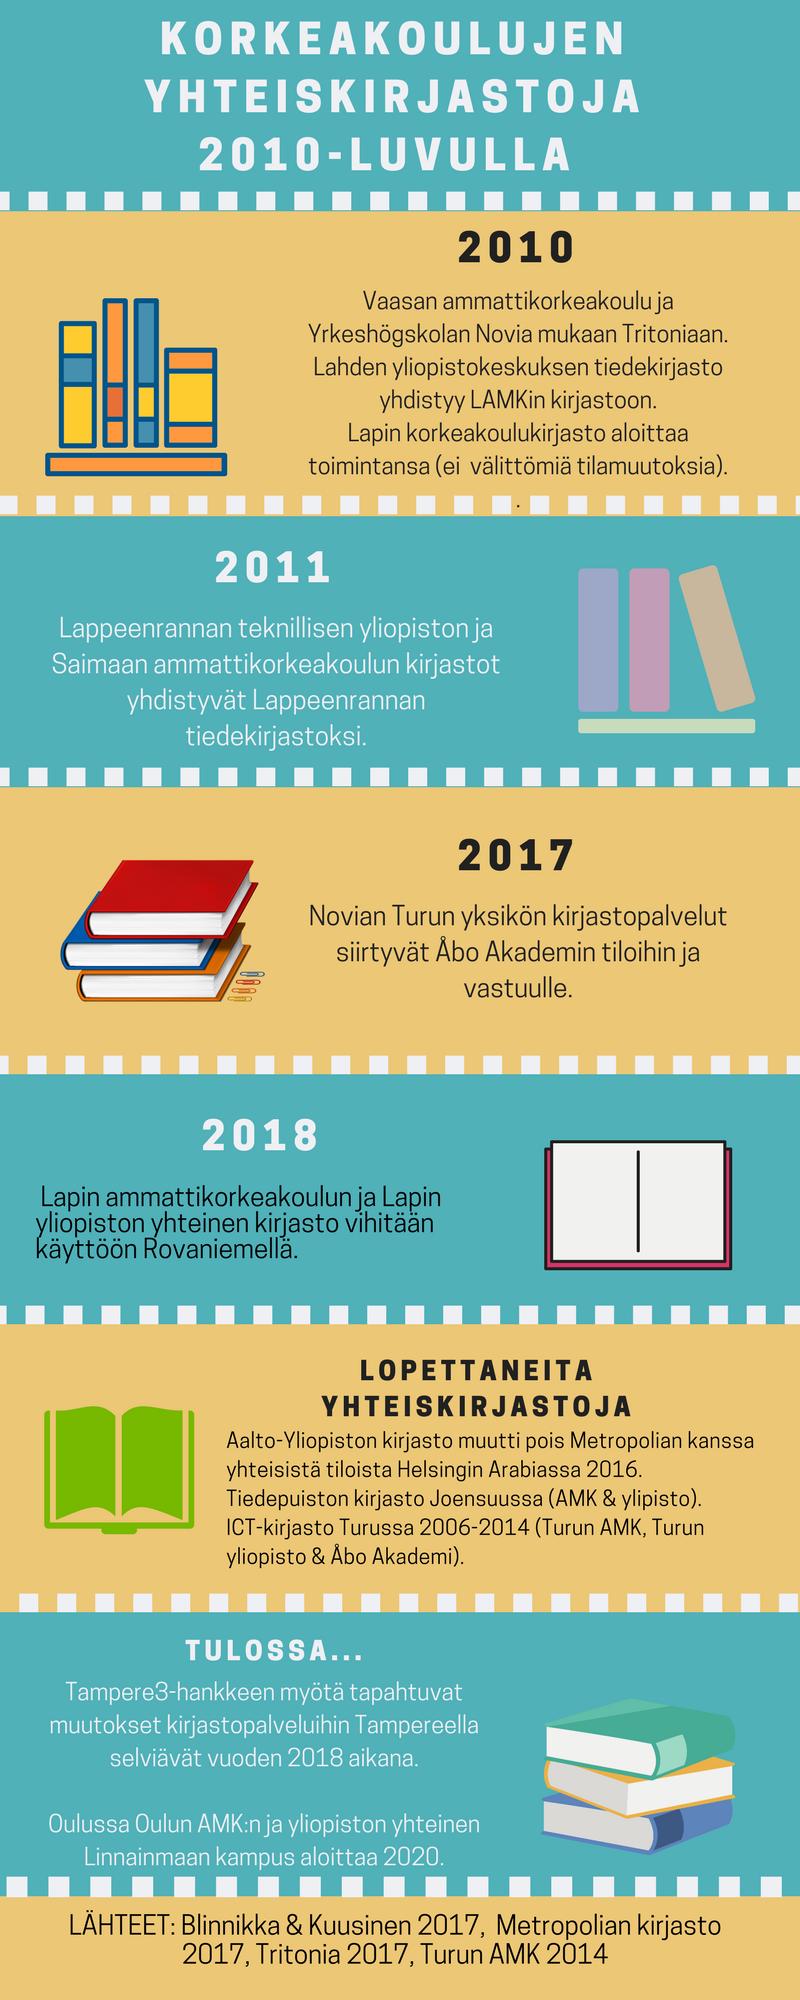 Korkeakoulujen välisen yhteiskirjastotoiminnan virstanpylväitä 2010-luvulla.